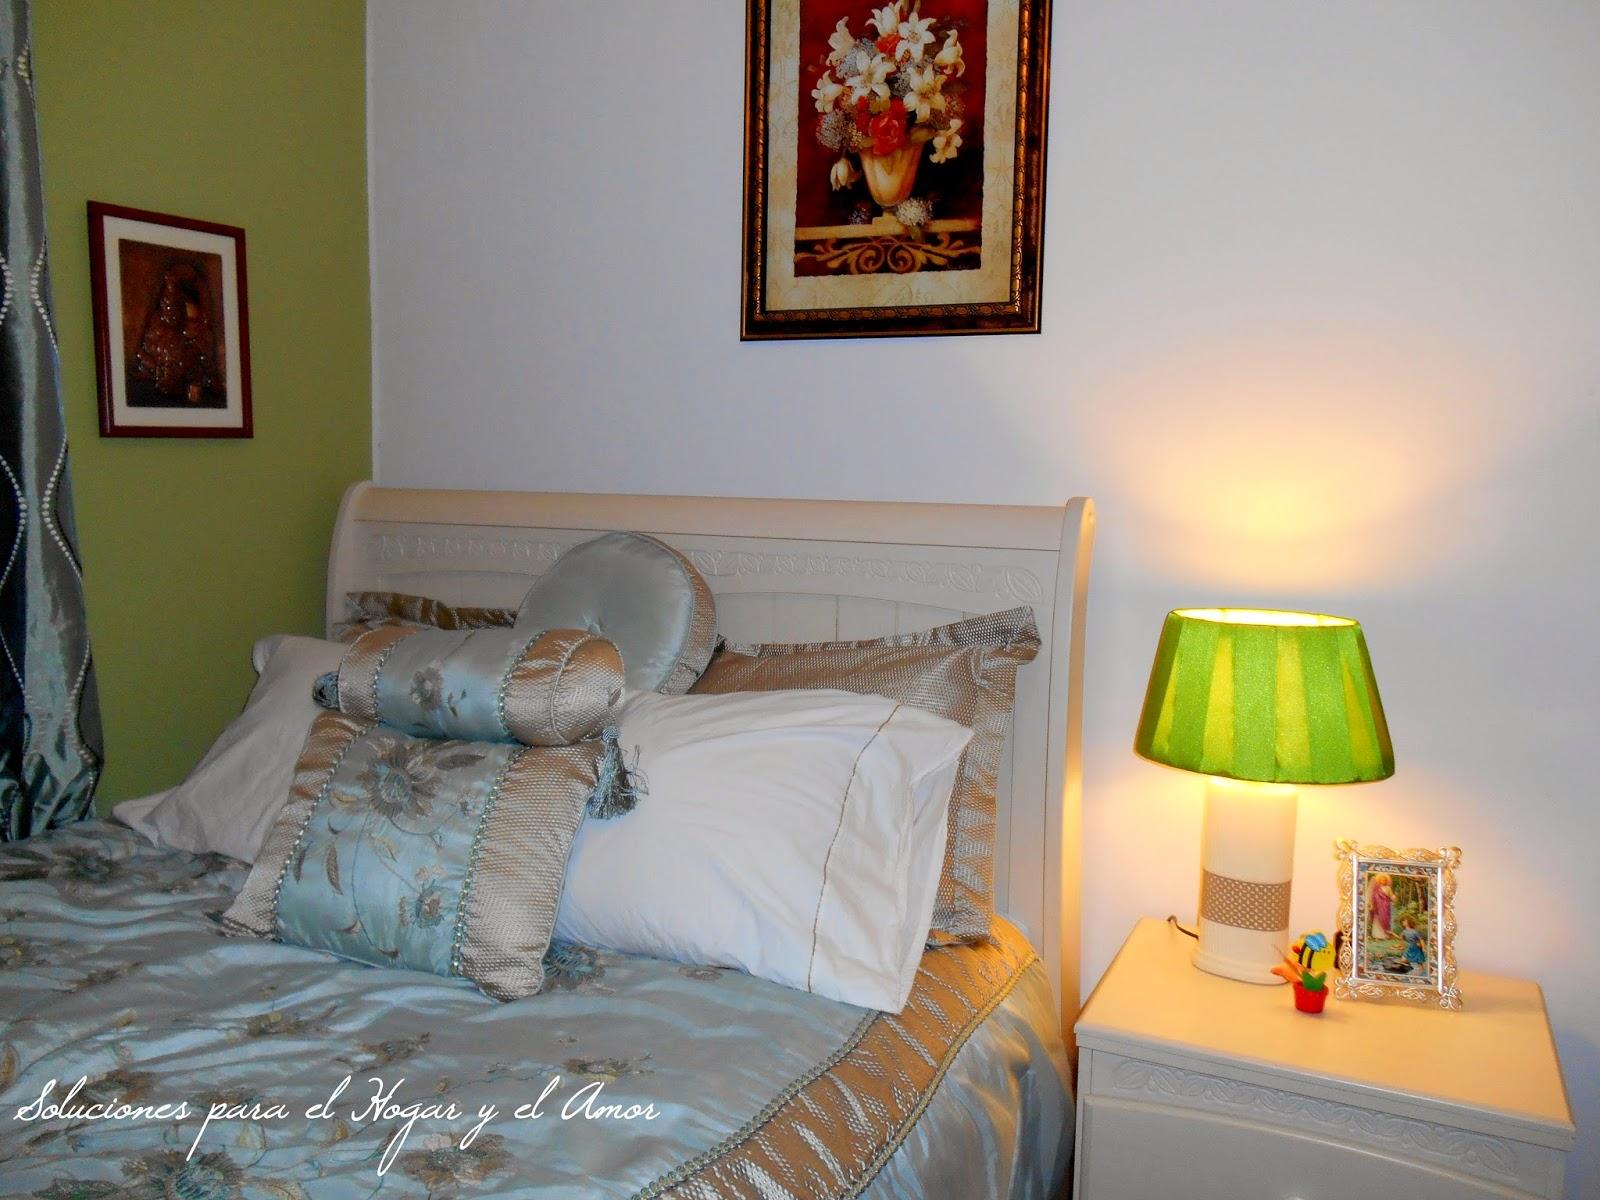 decoración de interiores, pared verde como acento, lámpara de pantalla verde pistacho como acento en la decoración de interiores